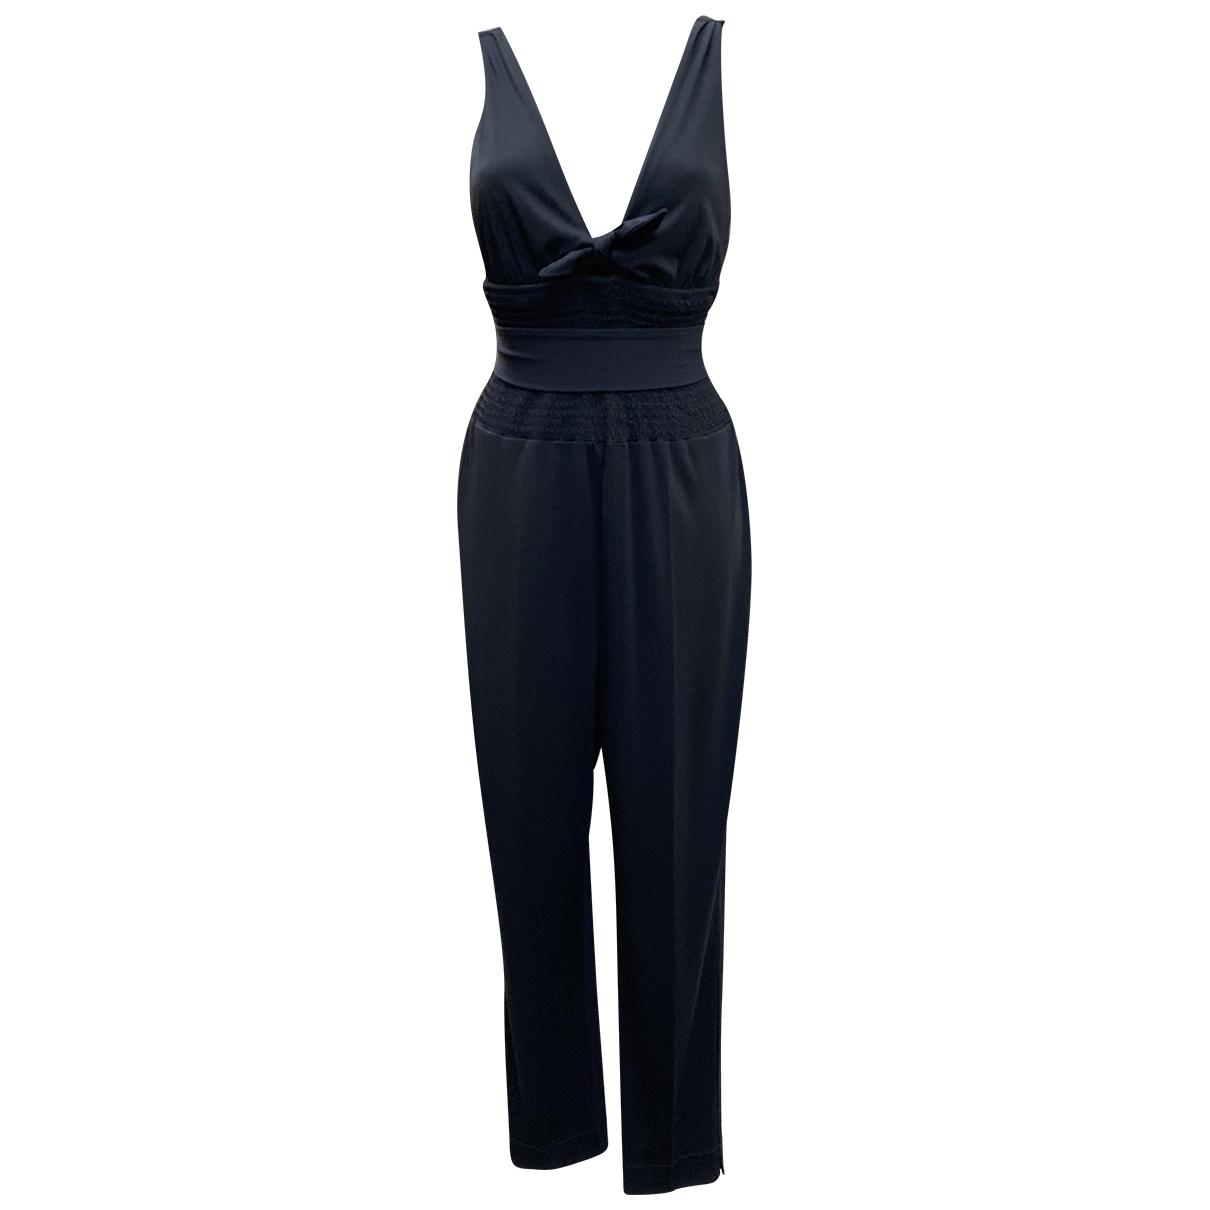 Yves Saint Laurent - Combinaison   pour femme en soie - noir